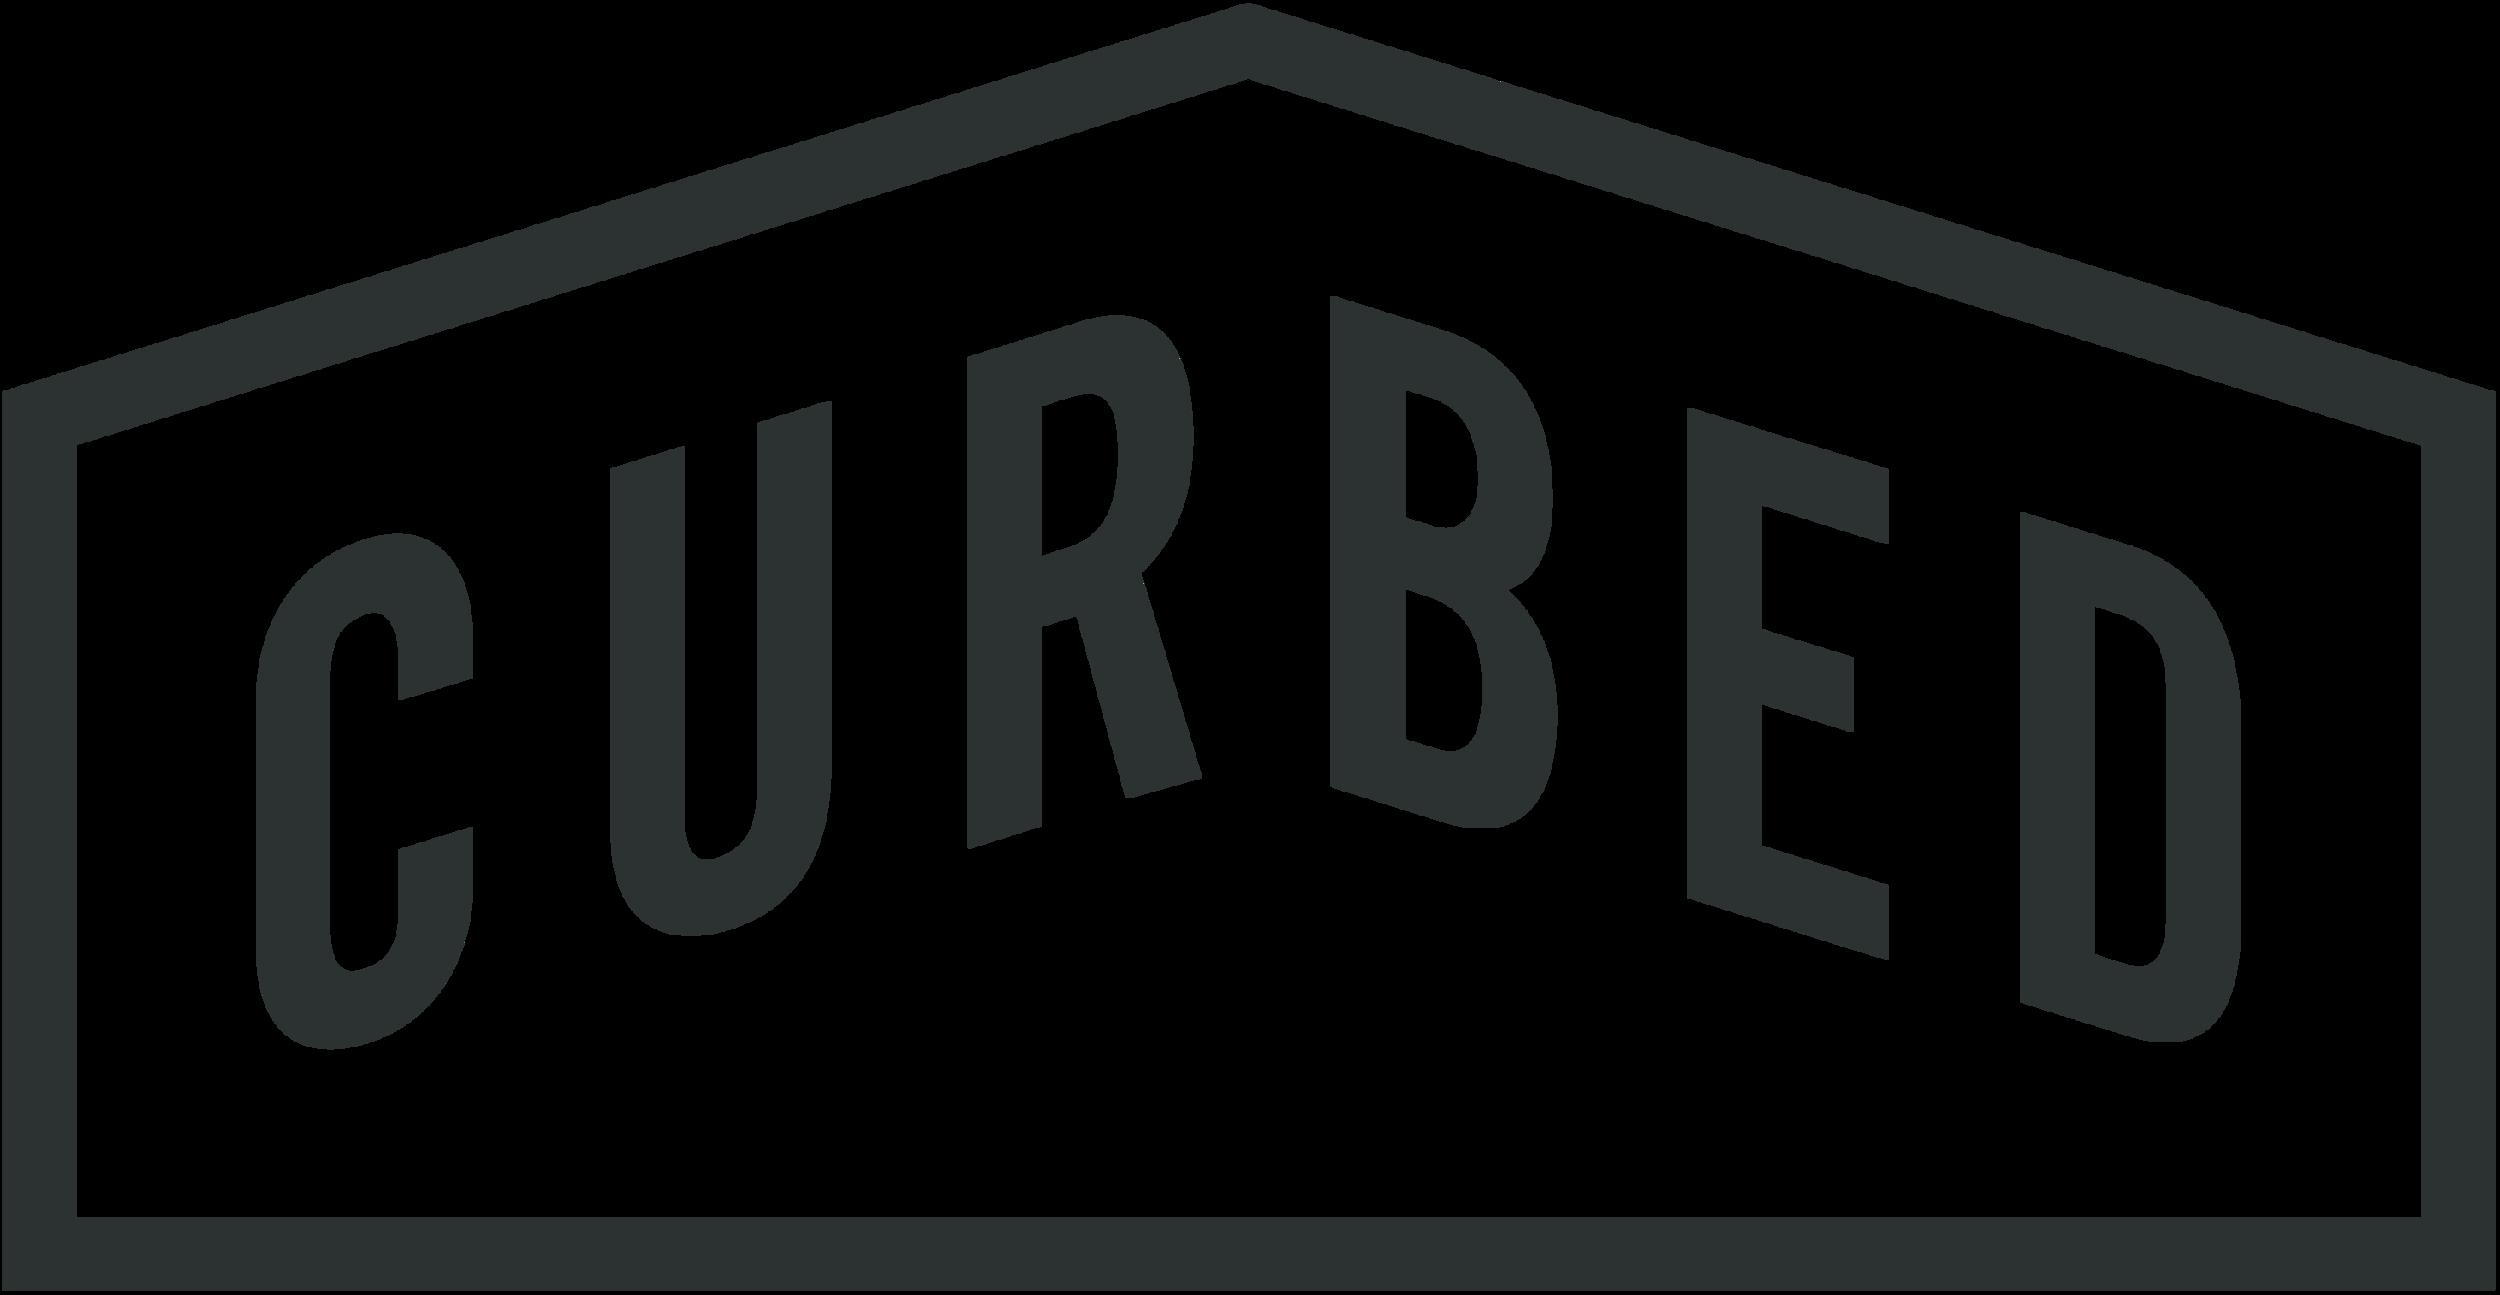 Curbed_Logo_Outline-compressor.png